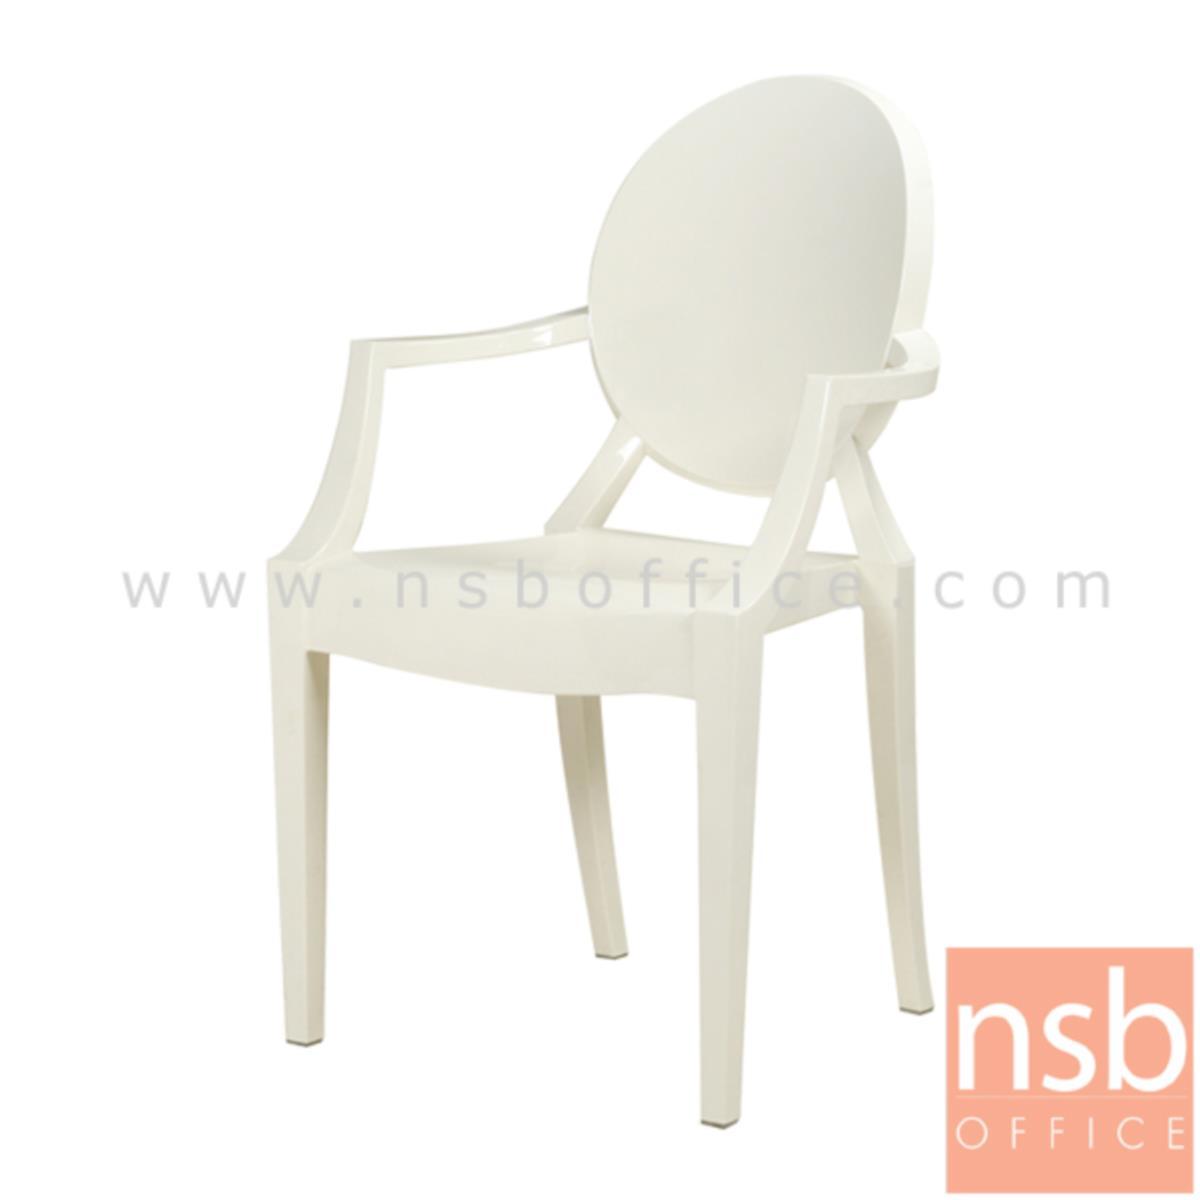 เก้าอี้โมเดิร์นพลาสติกเงา(PC)ล้วน รุ่น PP9221 ขนาด 53W cm.